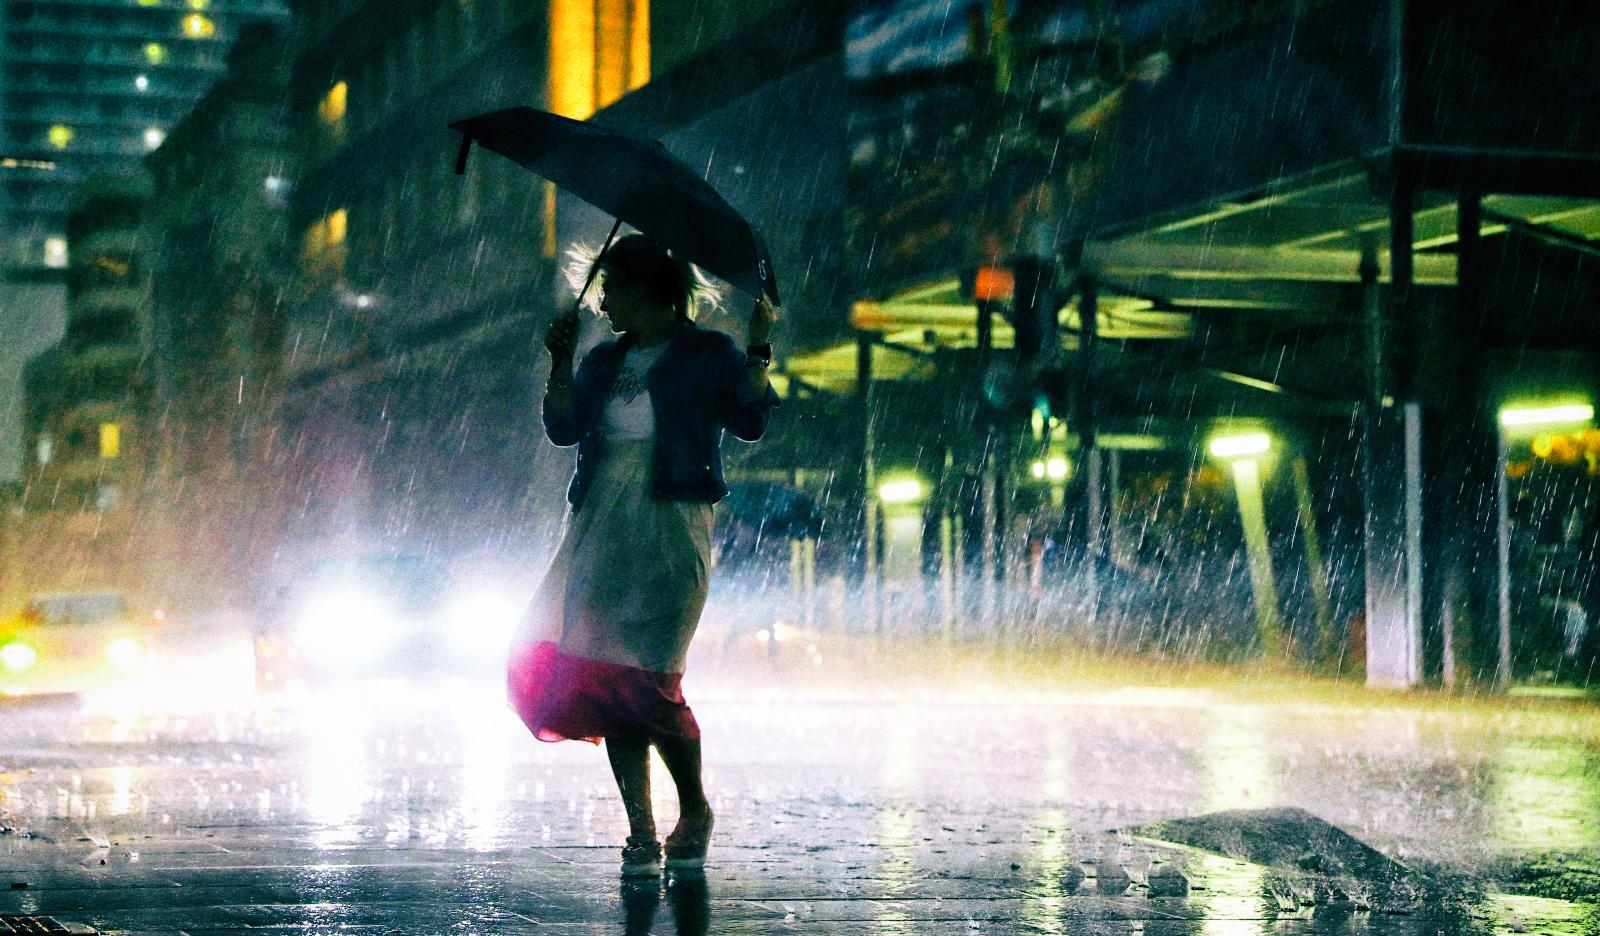 Дождь может стать эффективным источником возобновляемой энергии